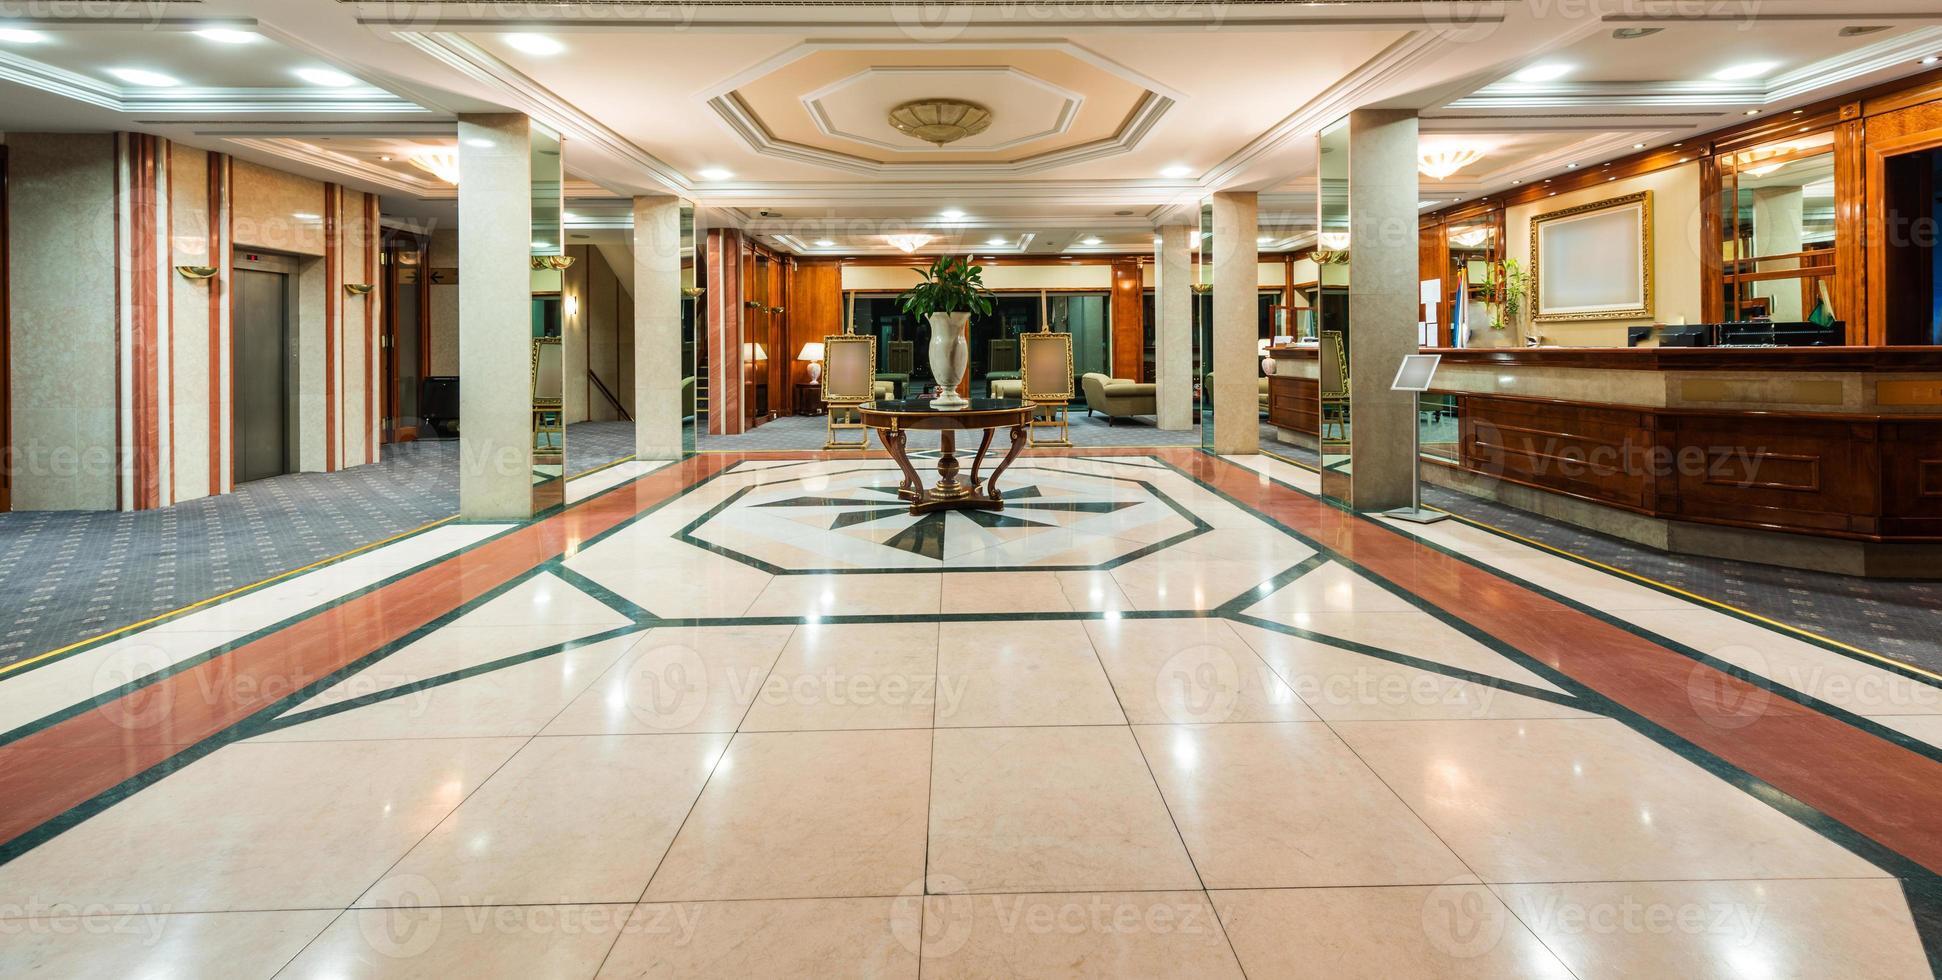 interieur van een hotelreceptie foto